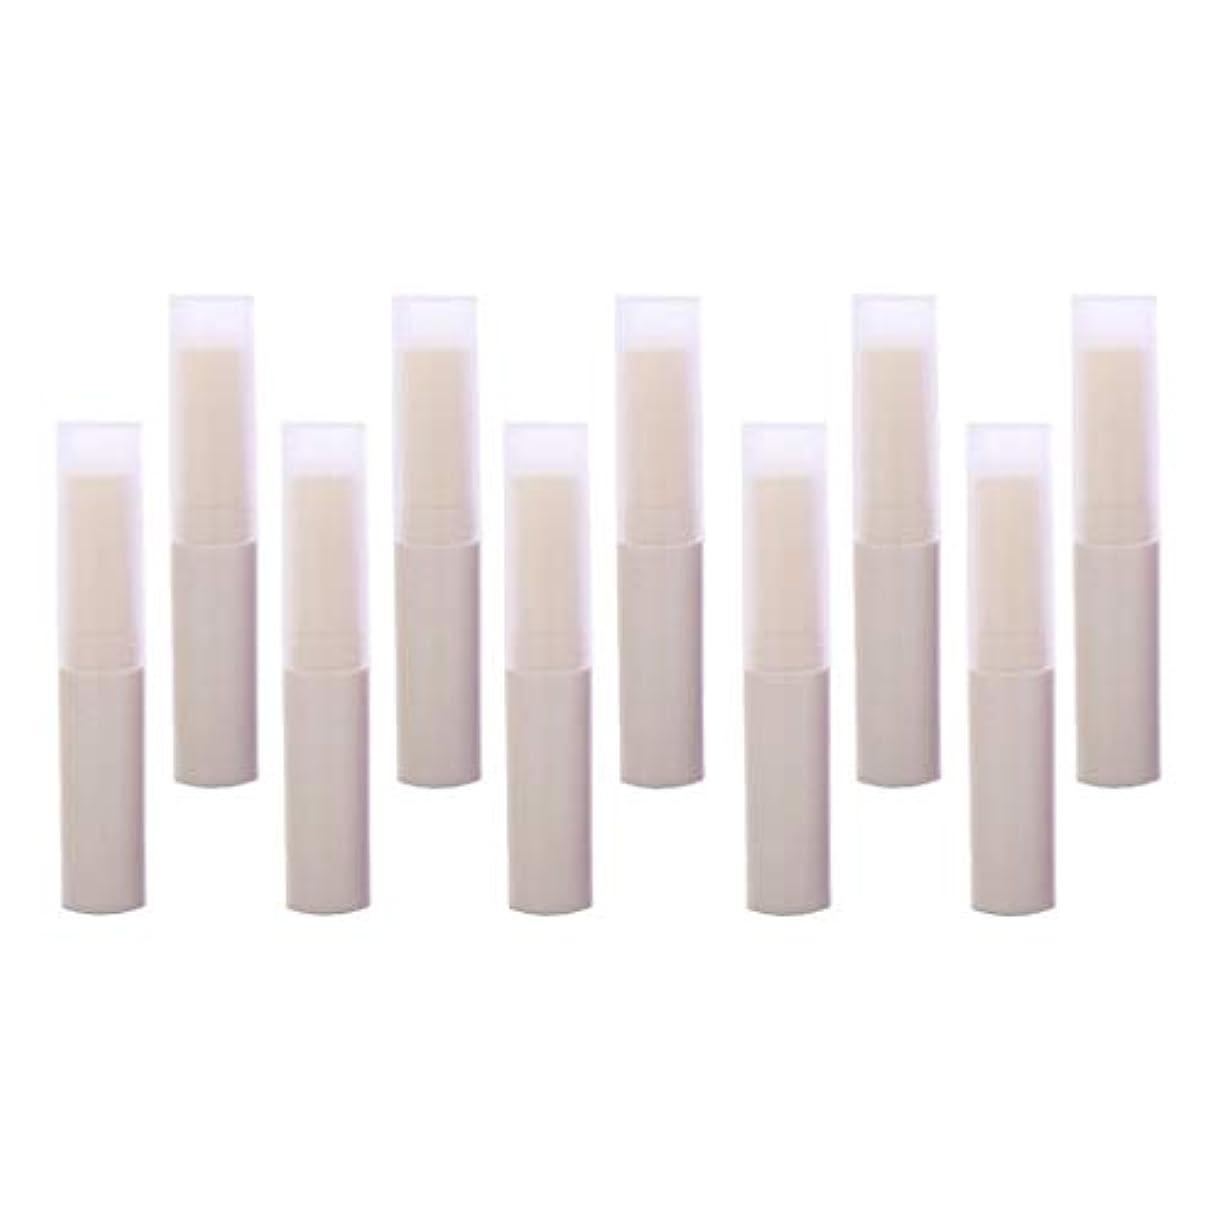 デコレーション落とし穴酔っ払いToygogo リップスティック リップクリーム容器 DIY 化粧道具 詰替え容器 10個 全7色 - ベージュ